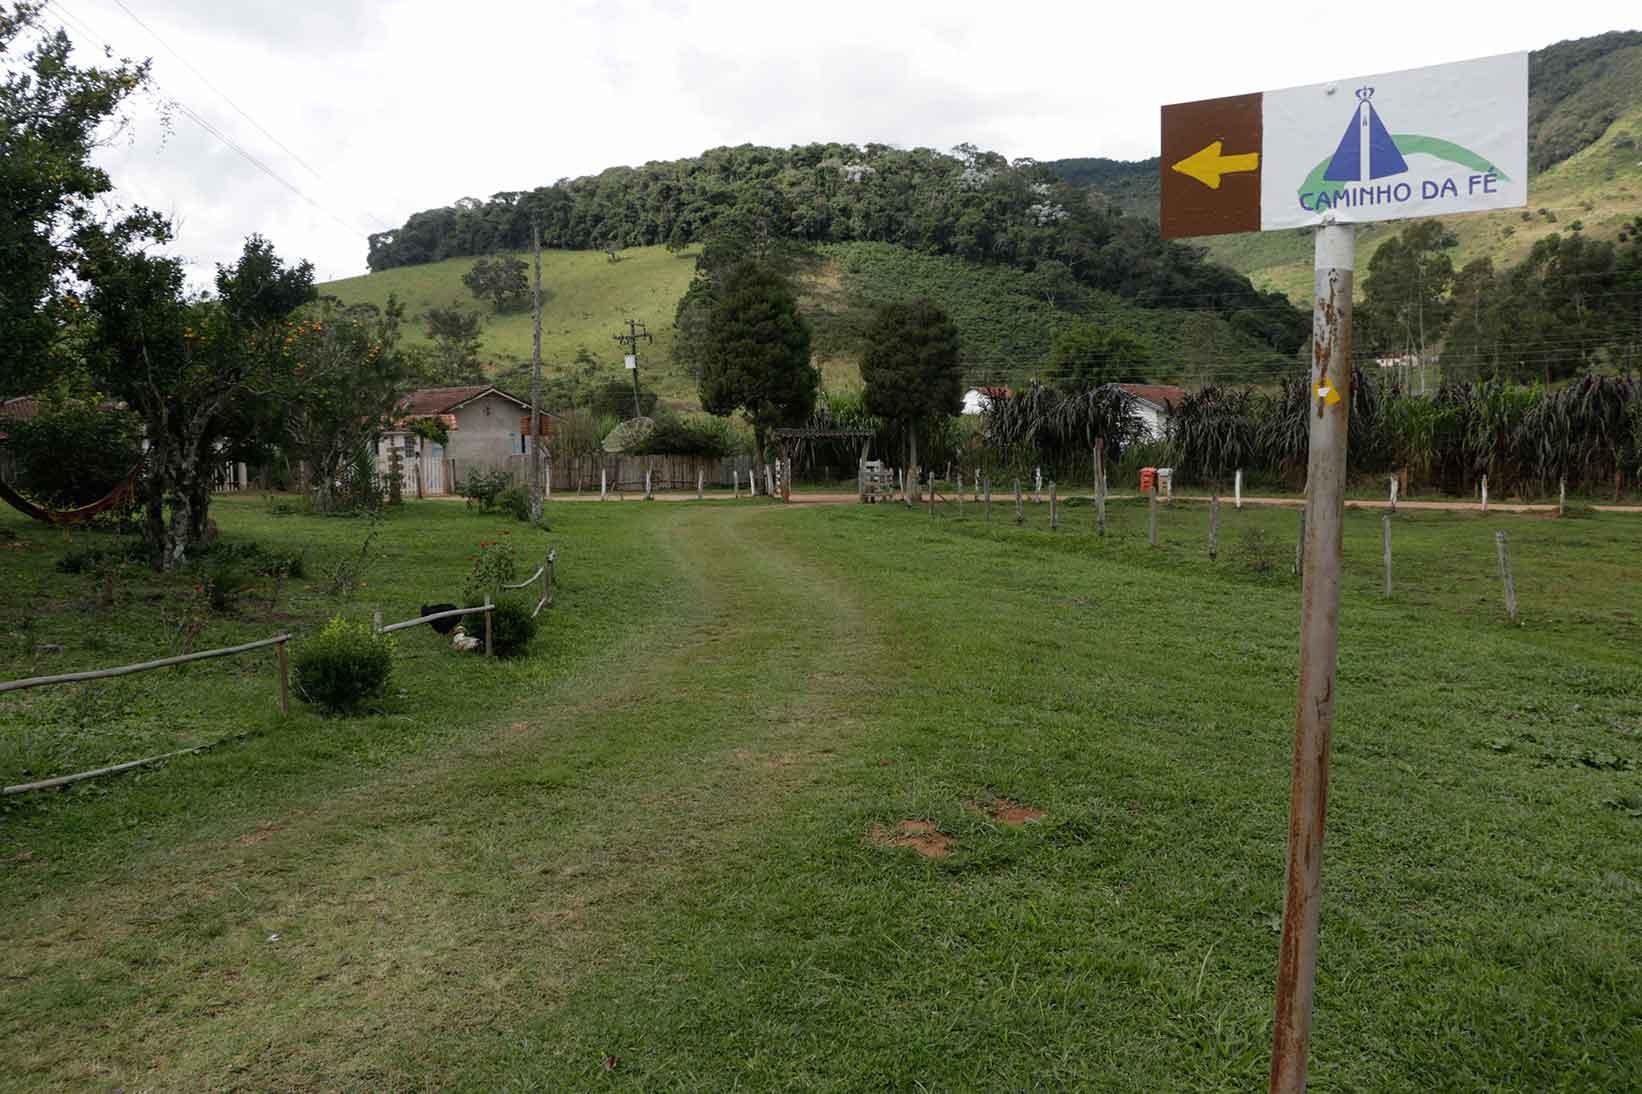 Sao-Bento-do-Sapucai-Turismo-Rural-Bairro-do-Cantagalo-caminho-fe-_MG_6259-bx